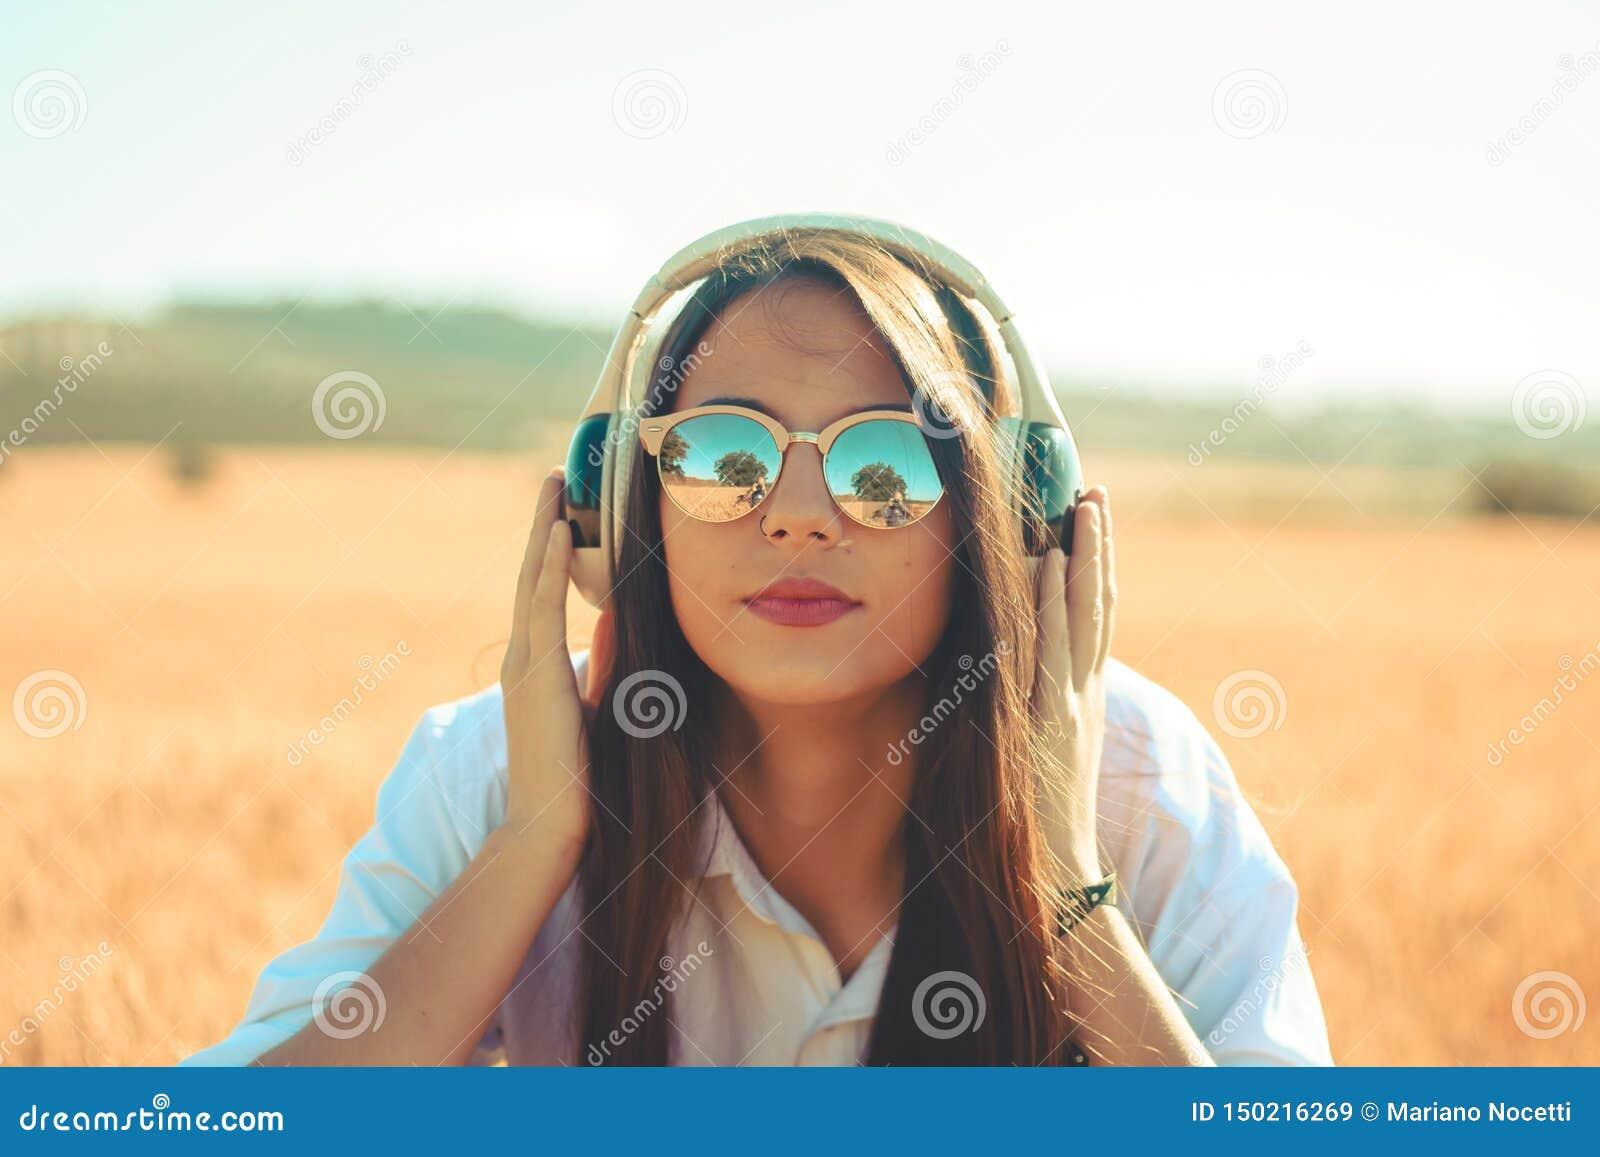 Muziek in mijn leven